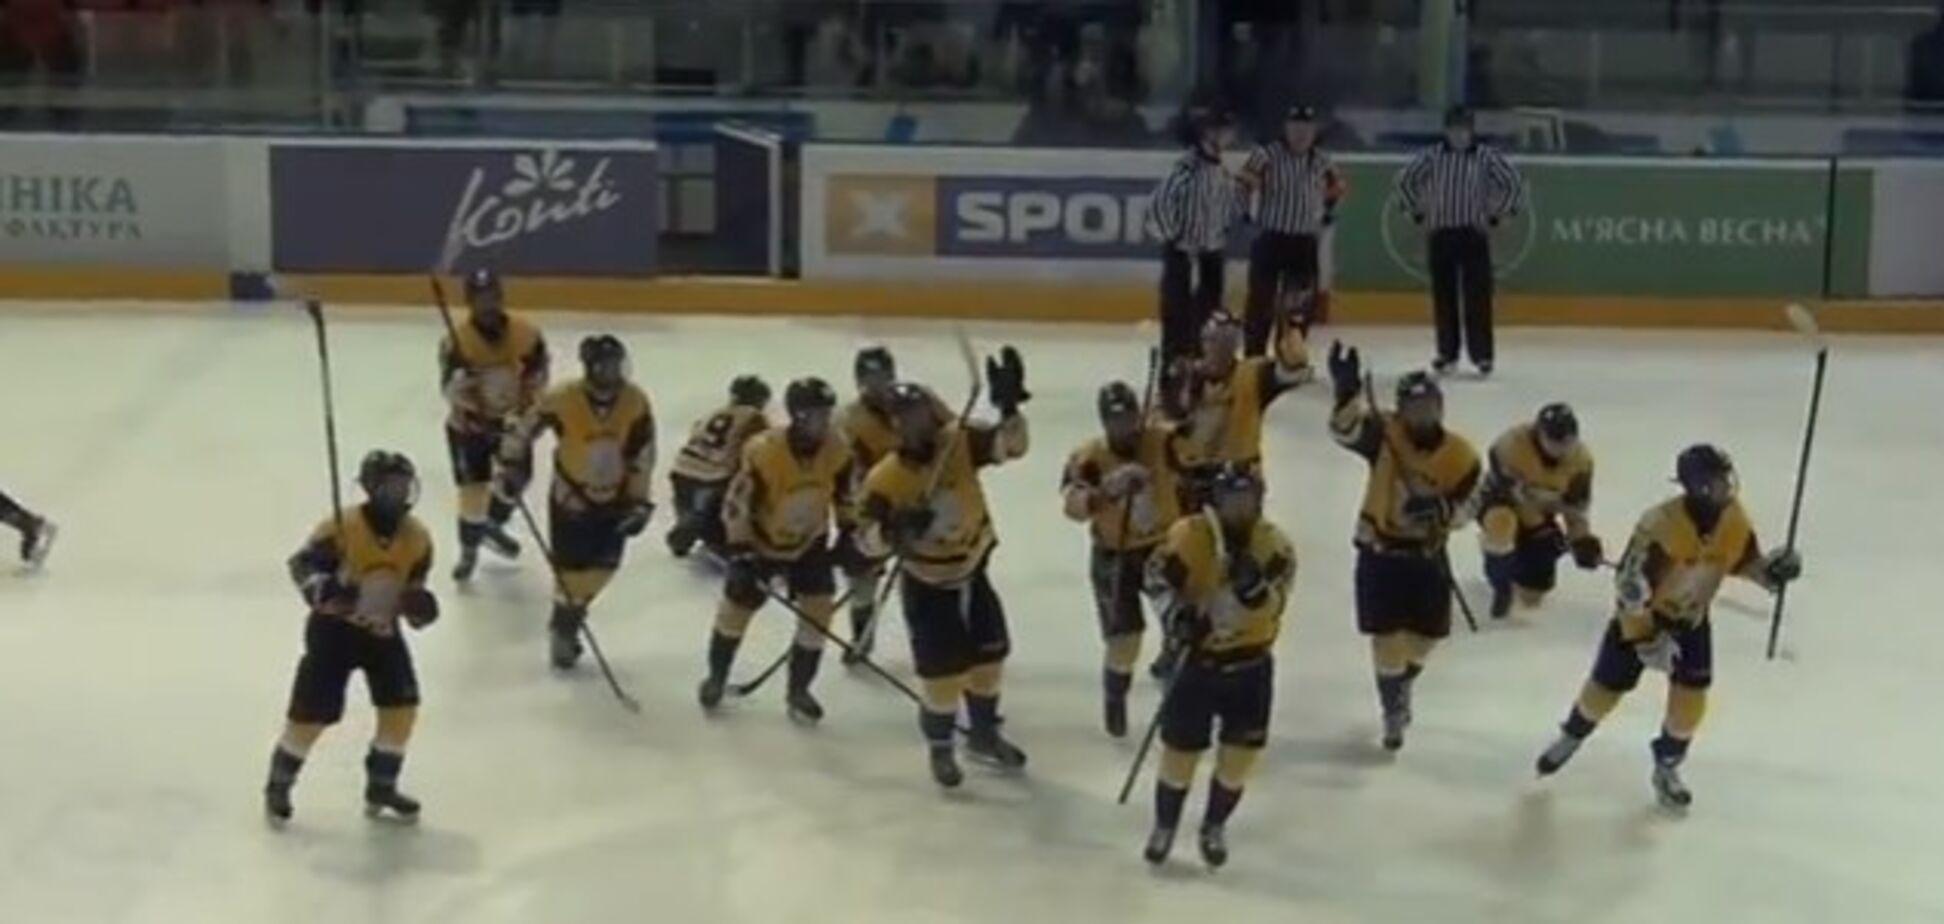 Потішили навіть суддів: українські хокеїсти влаштували дике святкування на майданчику - опубліковано відео